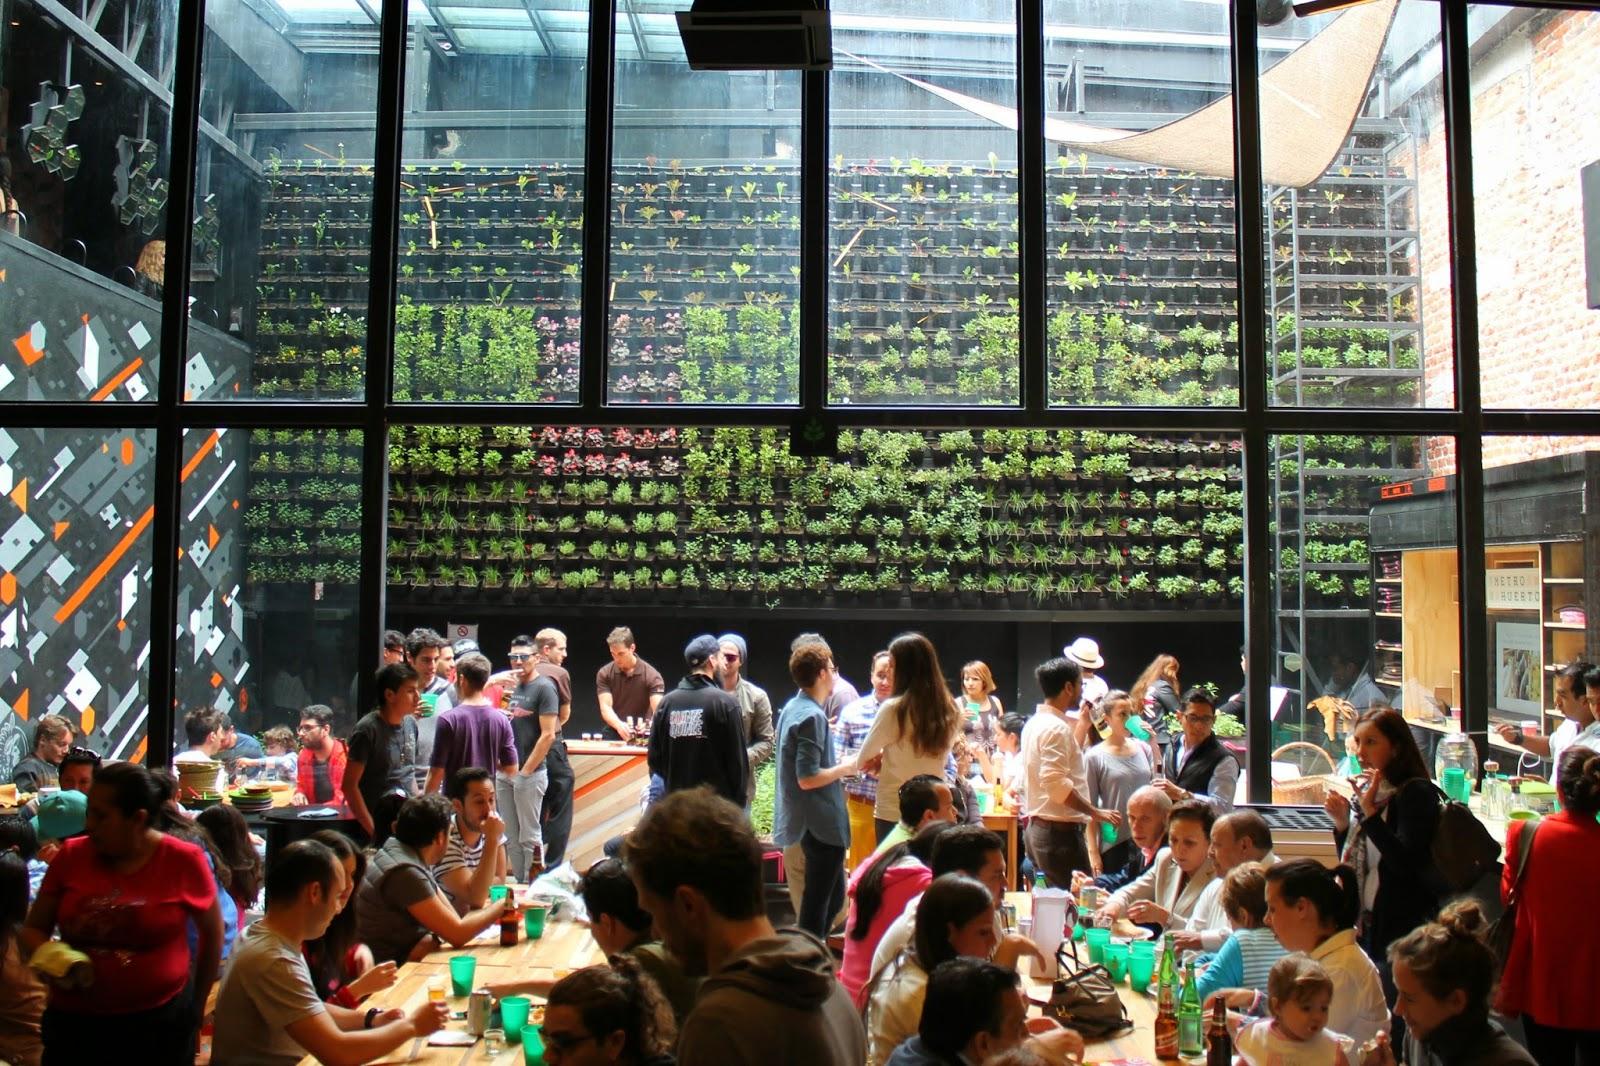 Mercado Roma DF Garden